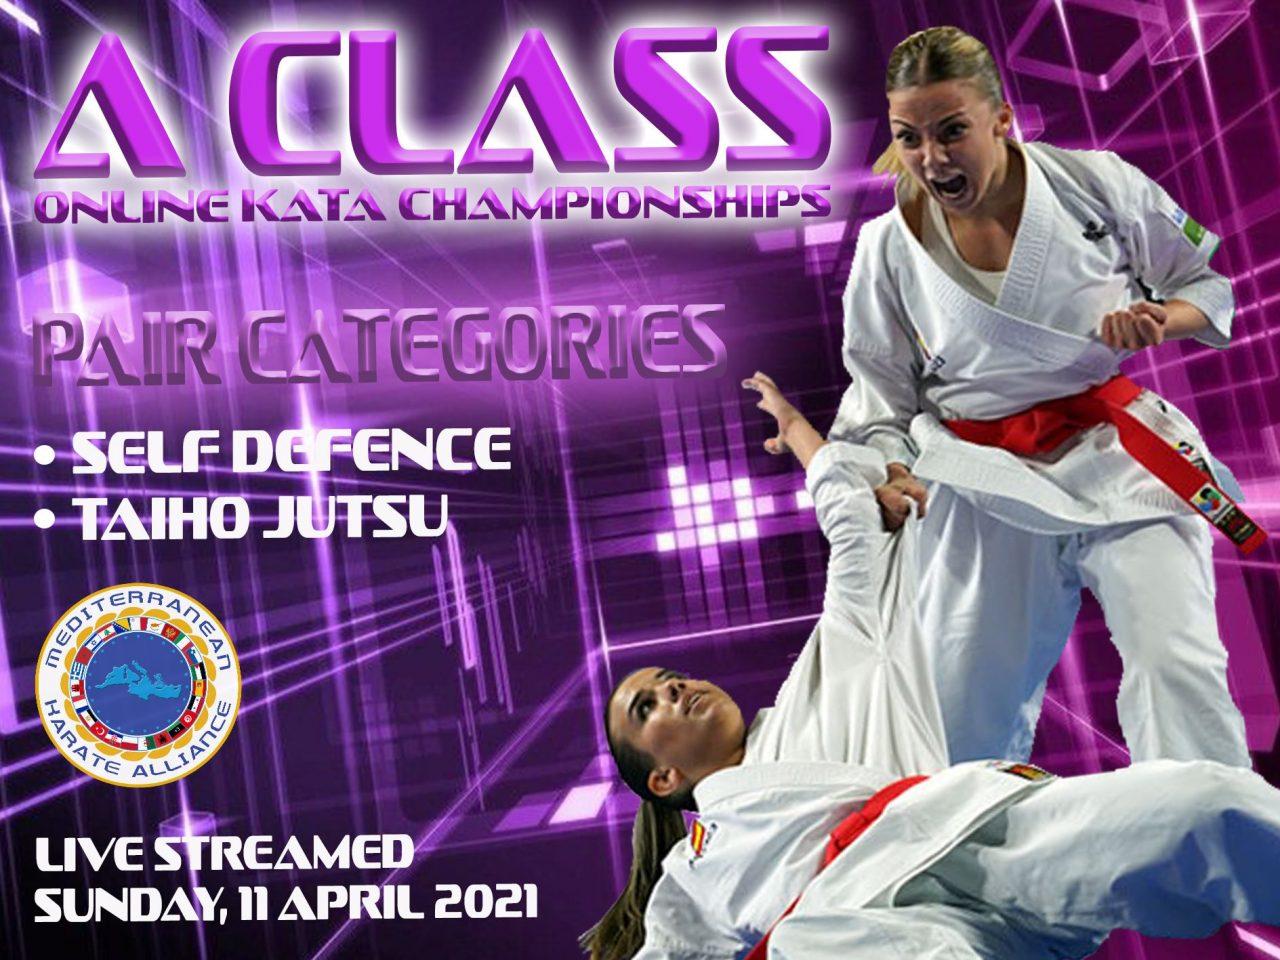 https://karate-slovakia.sk/wp-content/uploads/A-Class-1280x960.jpg